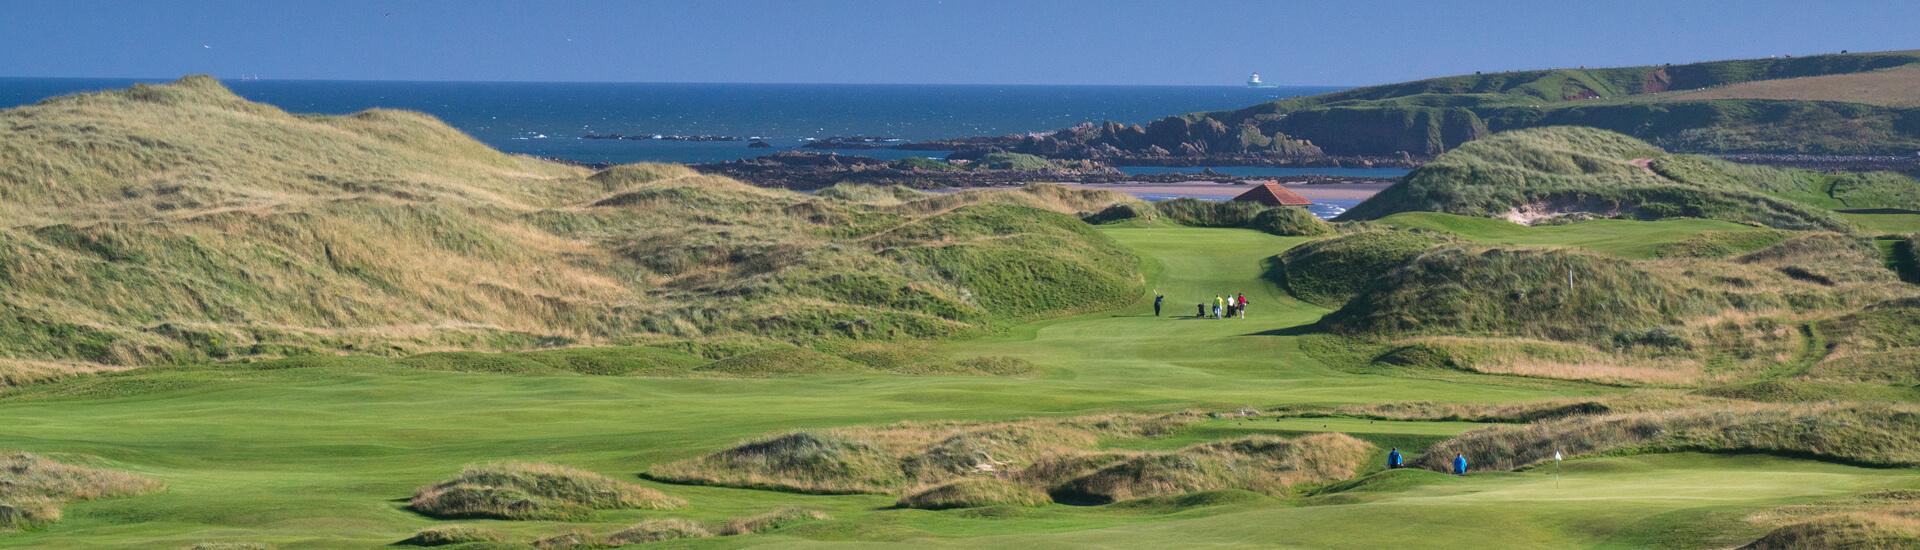 golf tourism